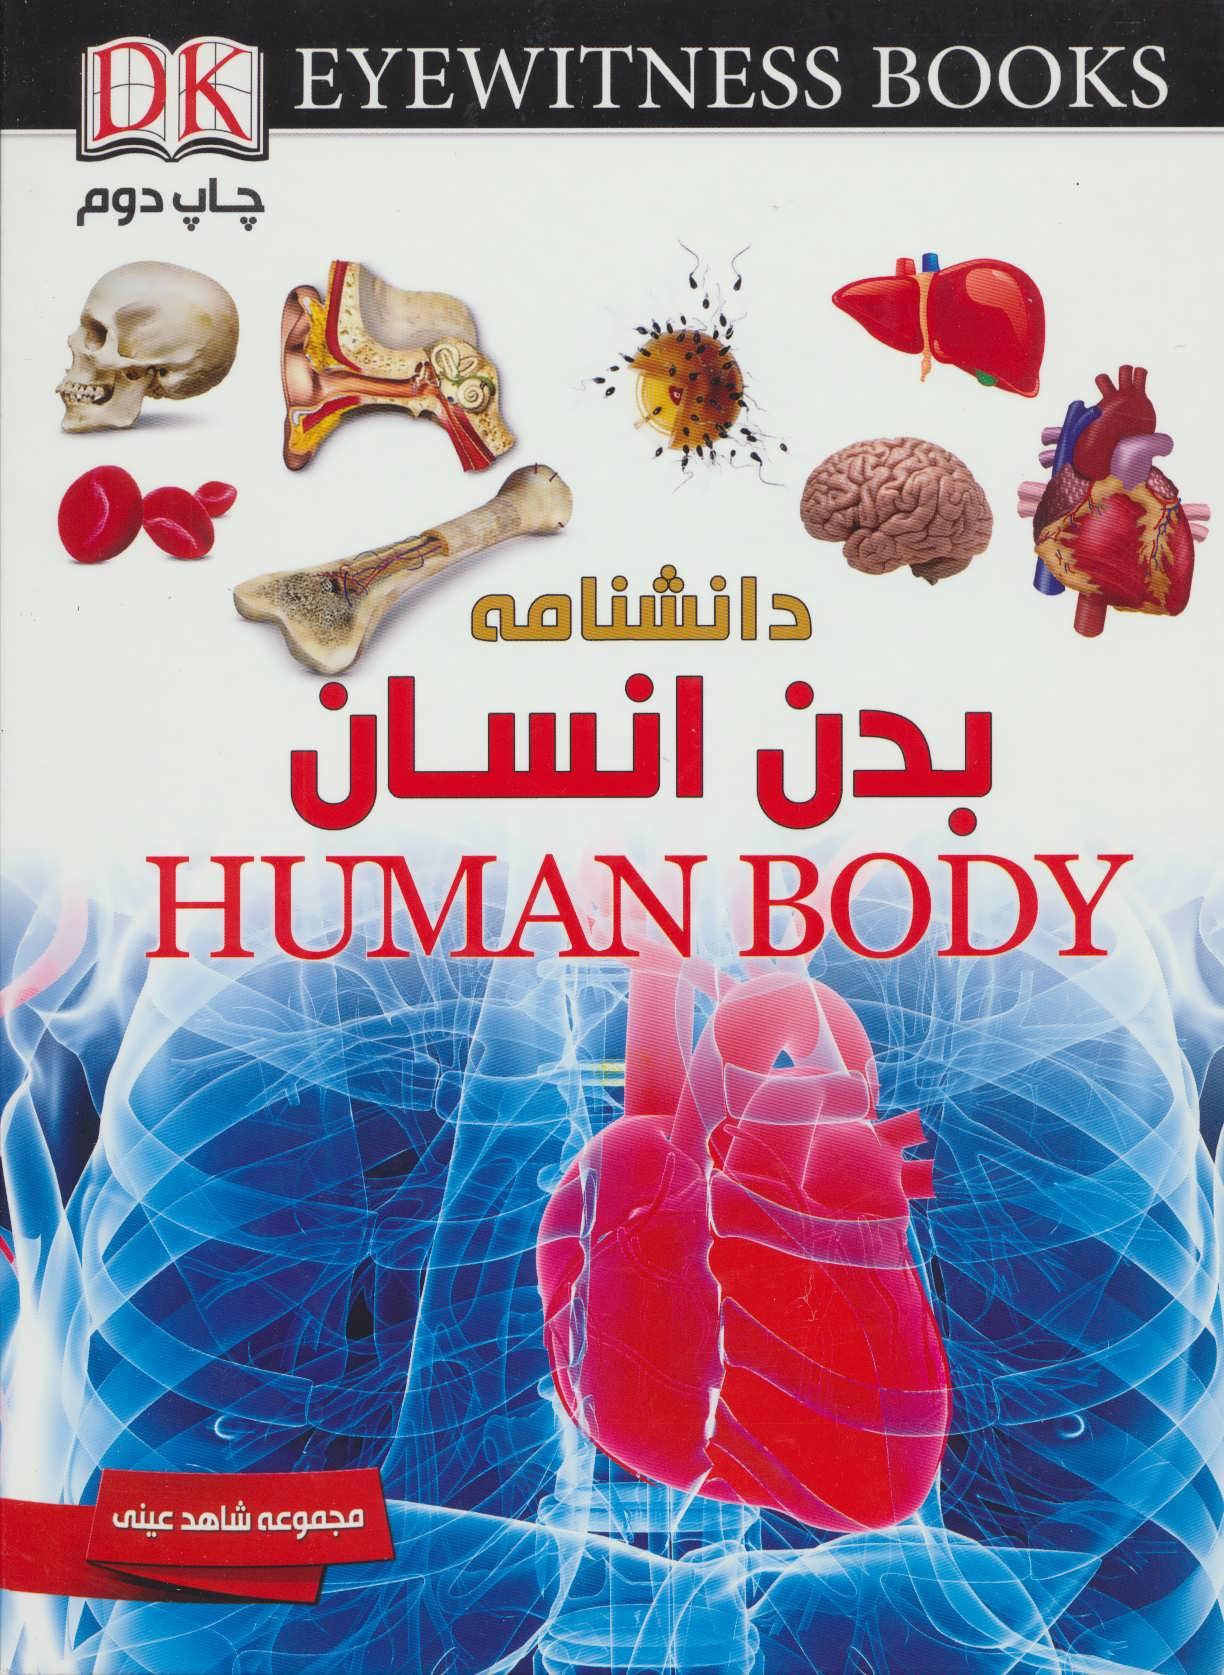 دانشنامه بدن انسان (شاهد عینی)،(گلاسه)